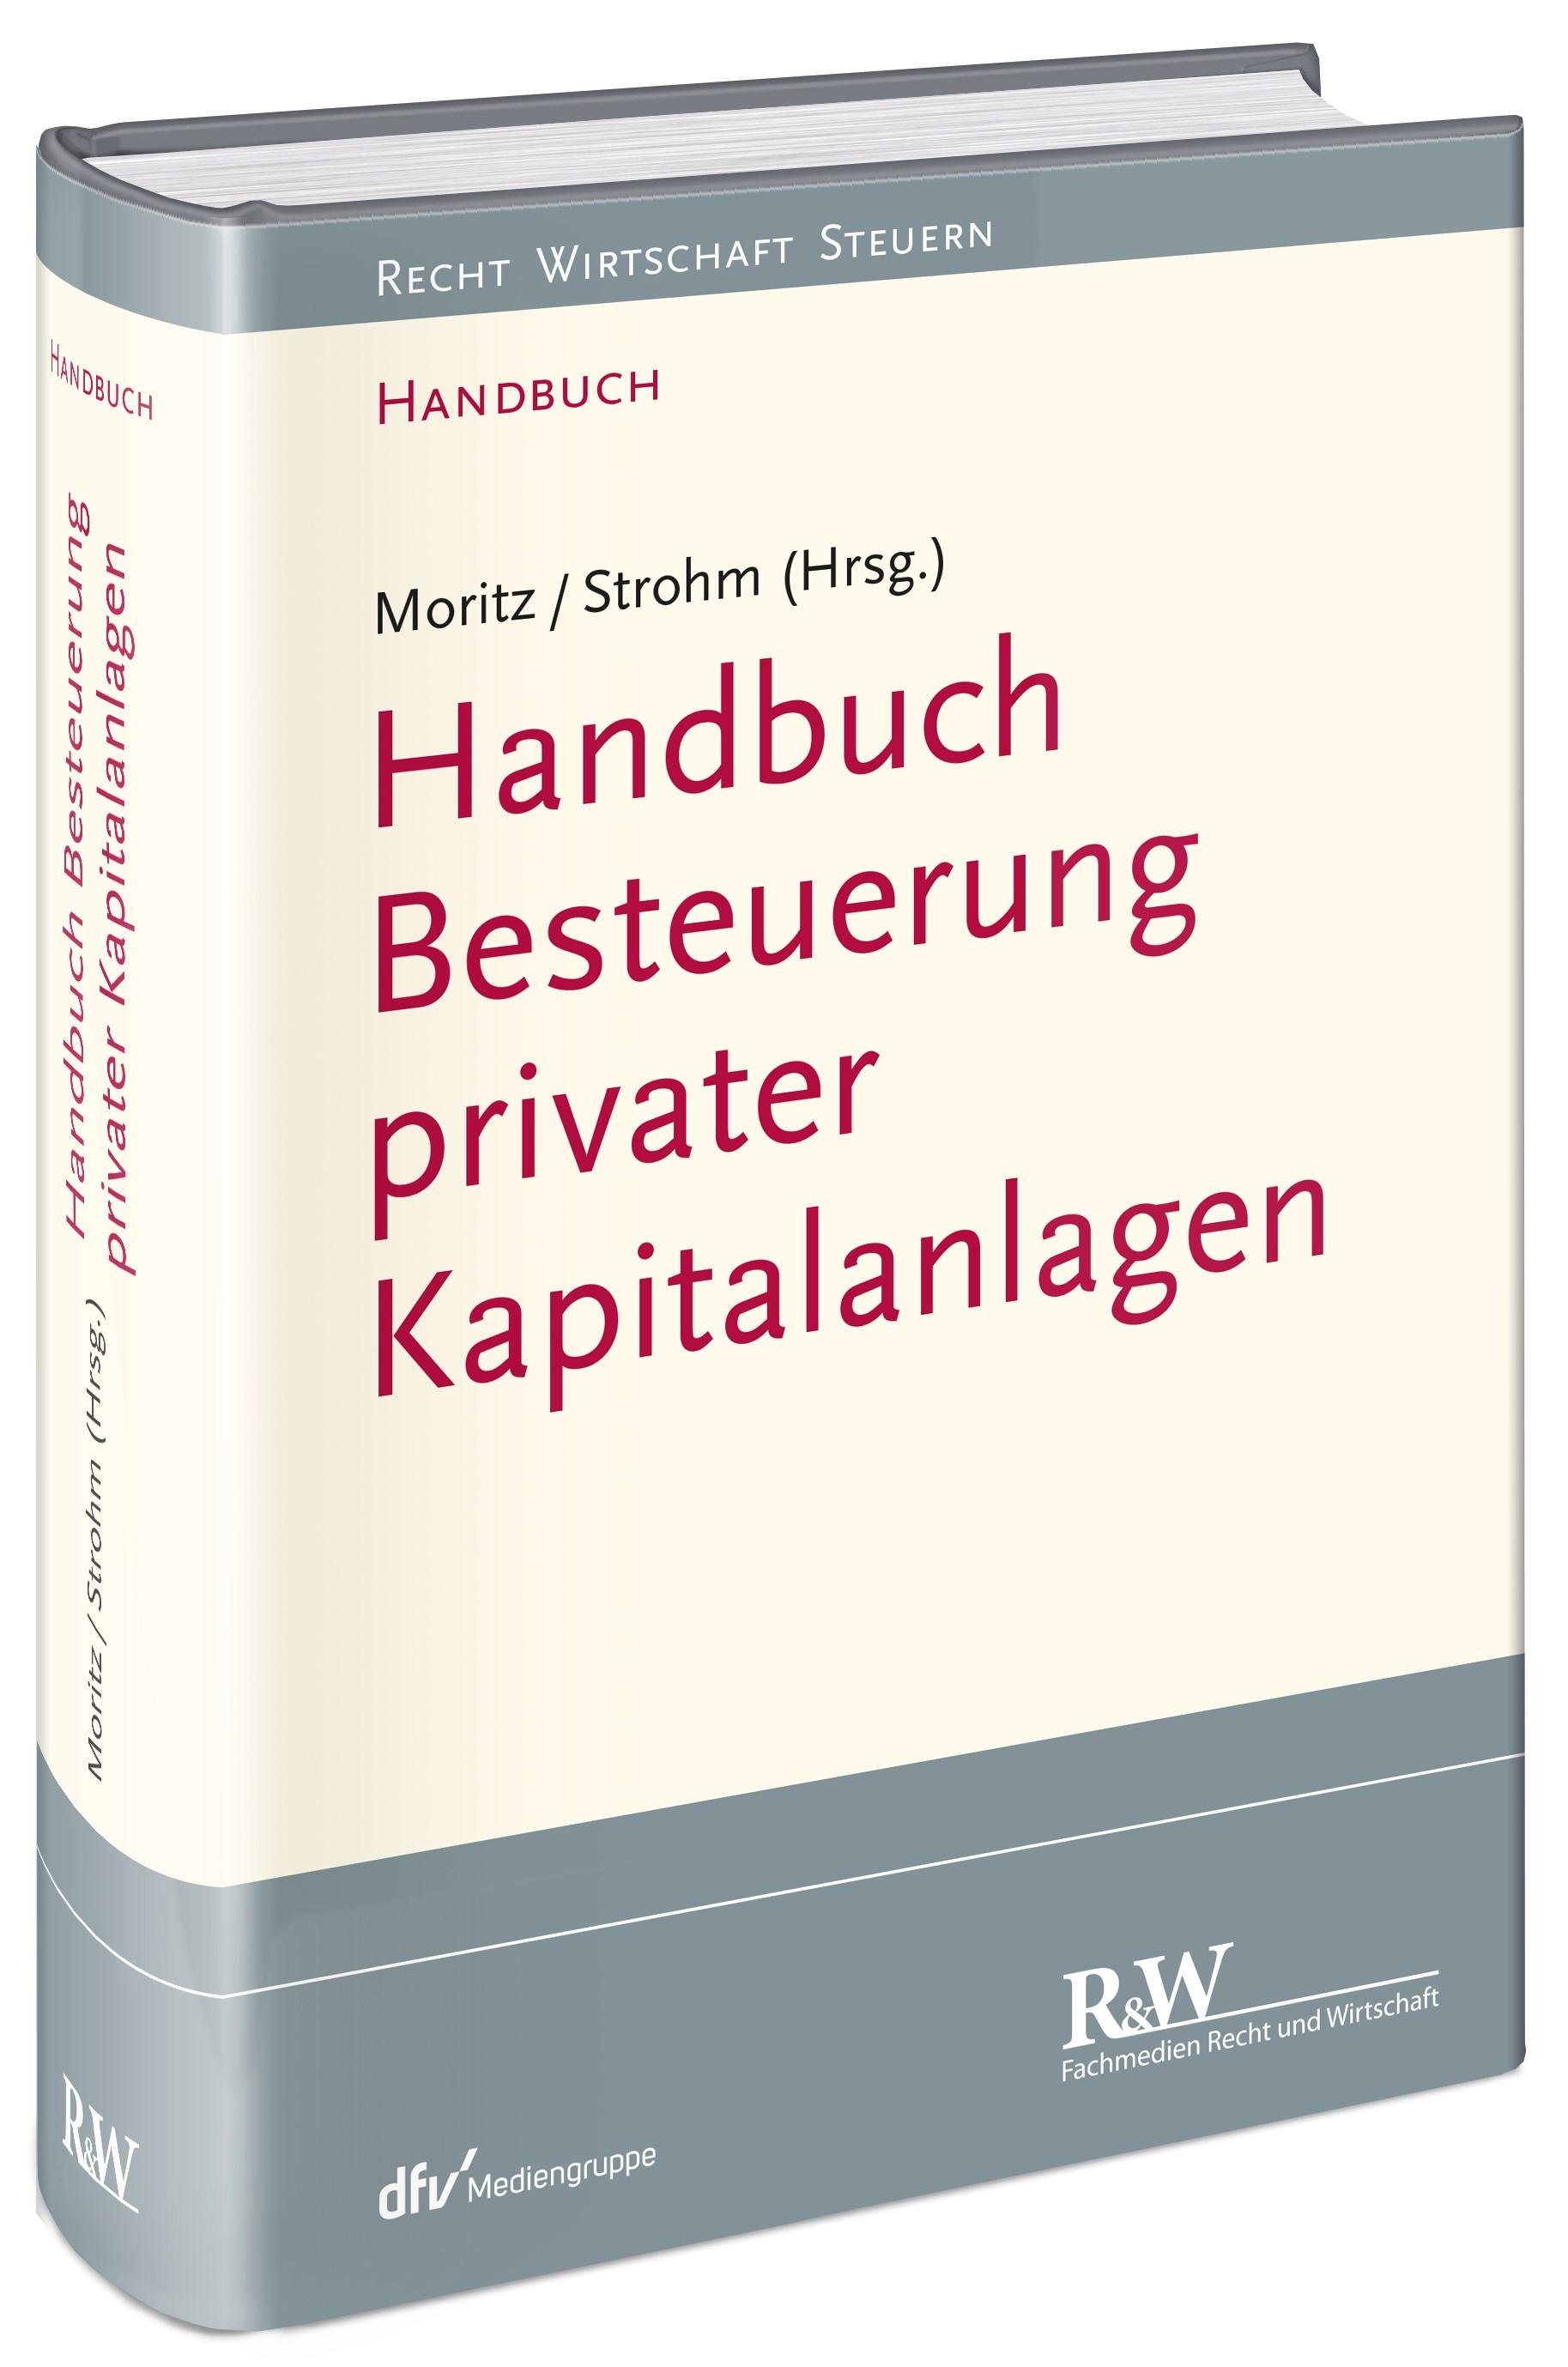 Besteuerung privater Kapitalanlagen | Moritz / Strohm (Hrsg.), 2017 | Buch (Cover)